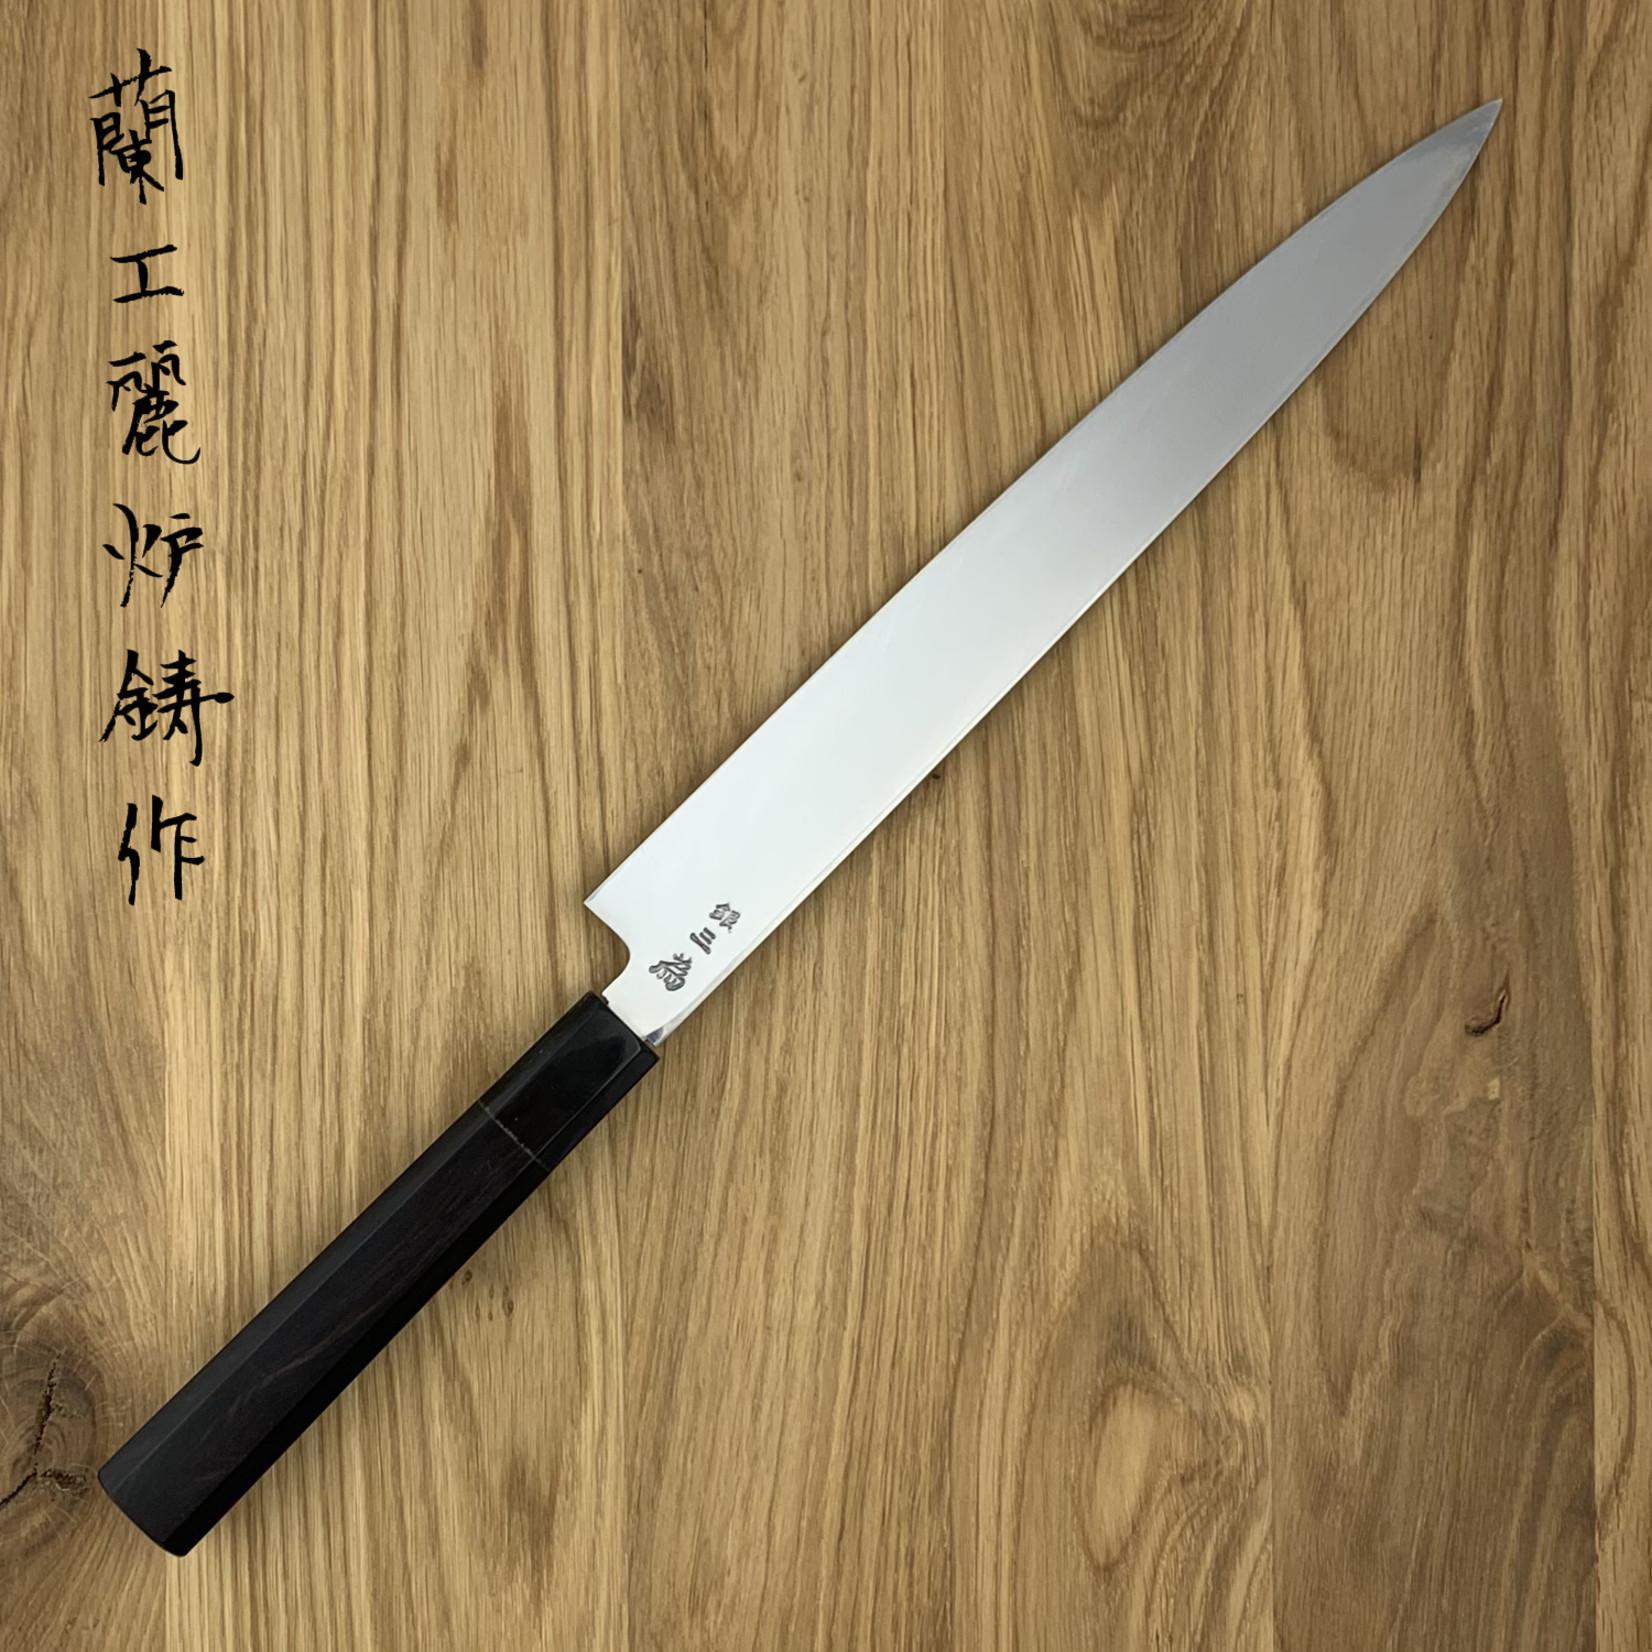 SAKAI TAKAYUKI Ginsankou Silver #3 Yanagiba 300 mm 04232